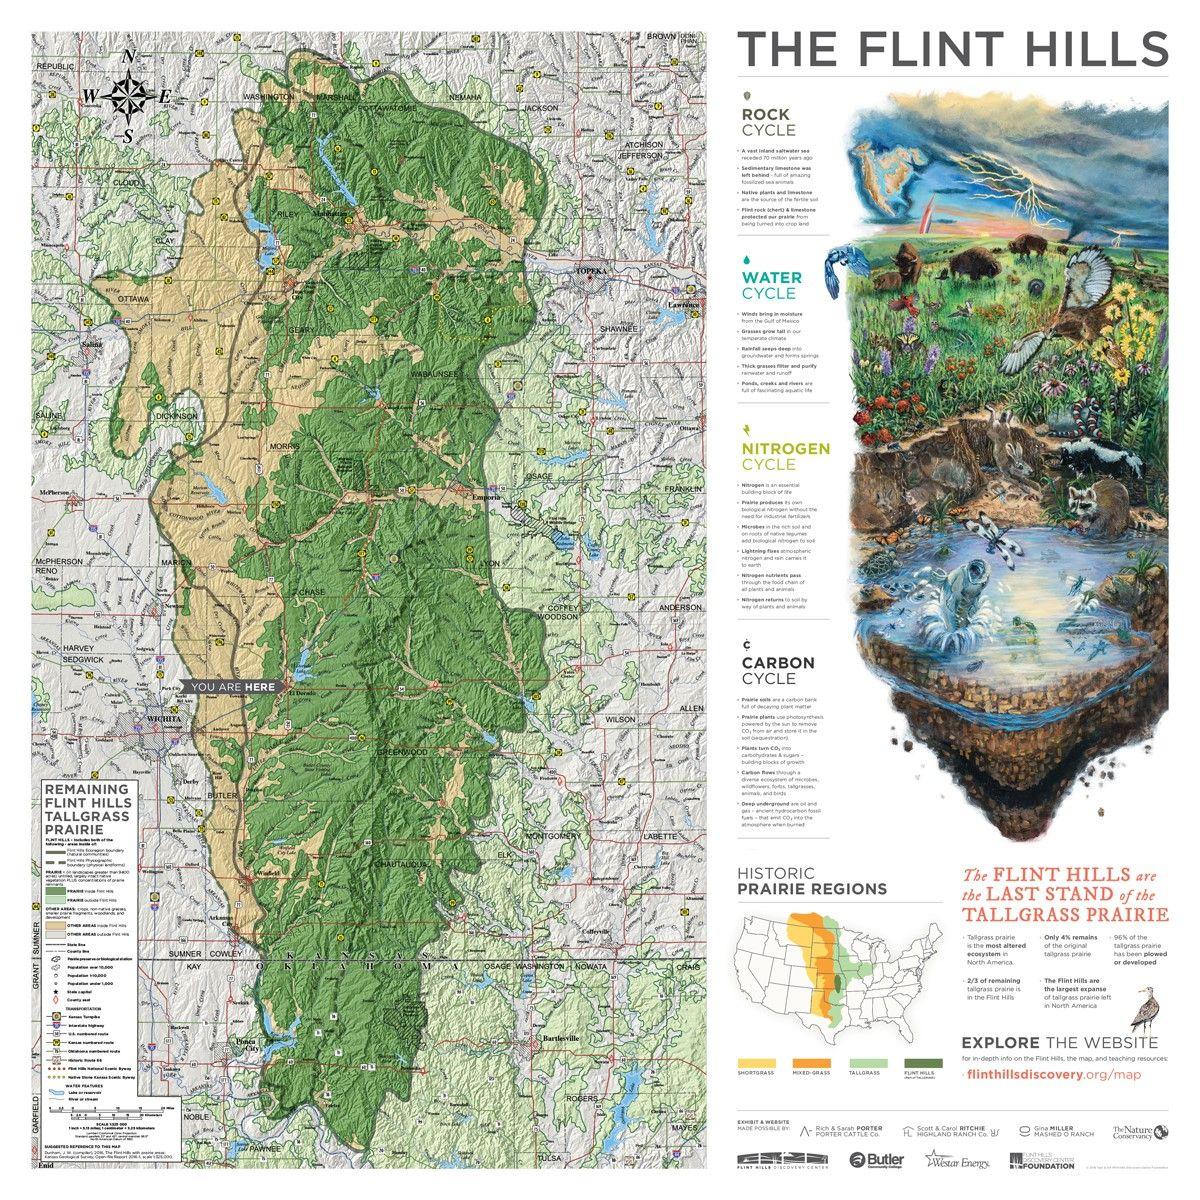 Flint Hills Kansas Map Kansas Profile – Now That's Rural: Flint Hills Map Project